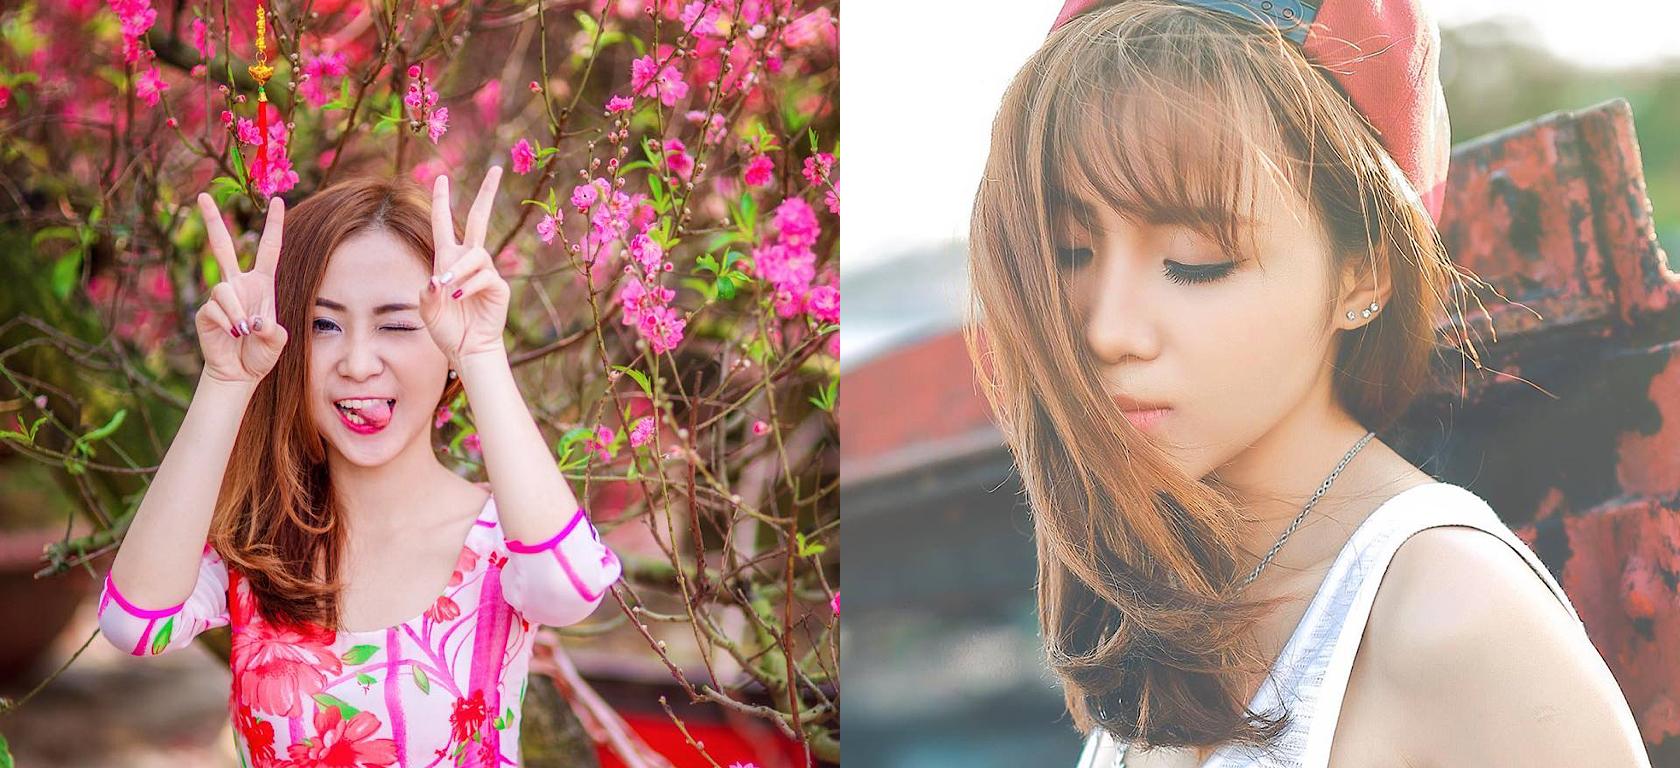 pg-nguoi-mau-model-linh-phung